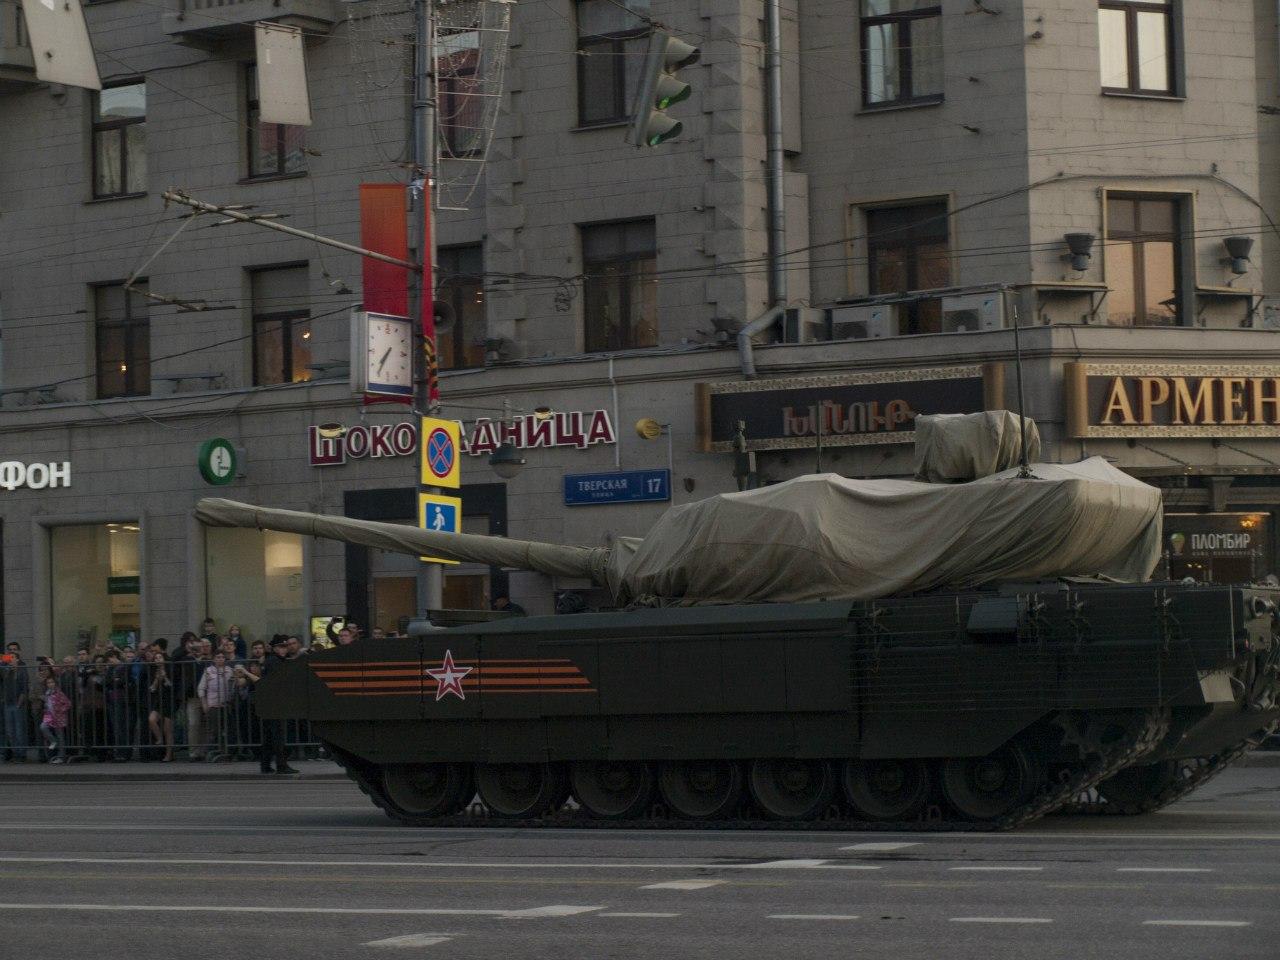 [Official] Armata Discussion thread #2 - Page 20 FqL6eAiczk0